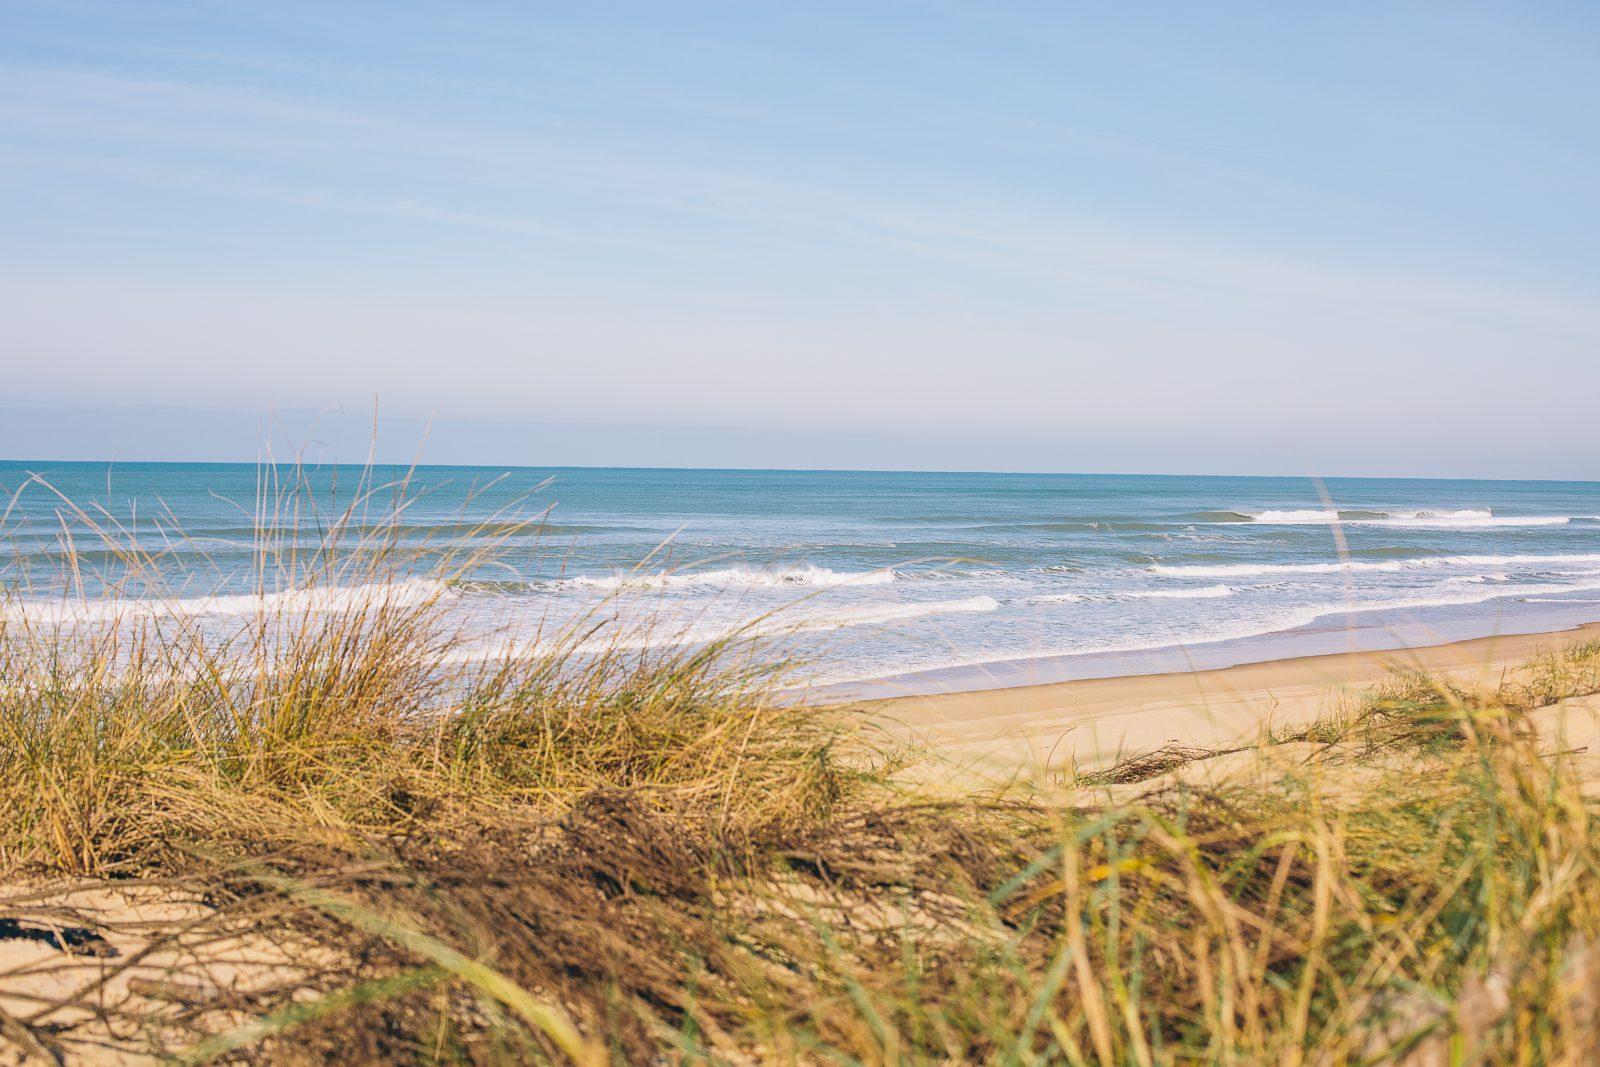 plage-horizon-balade-hiver-53